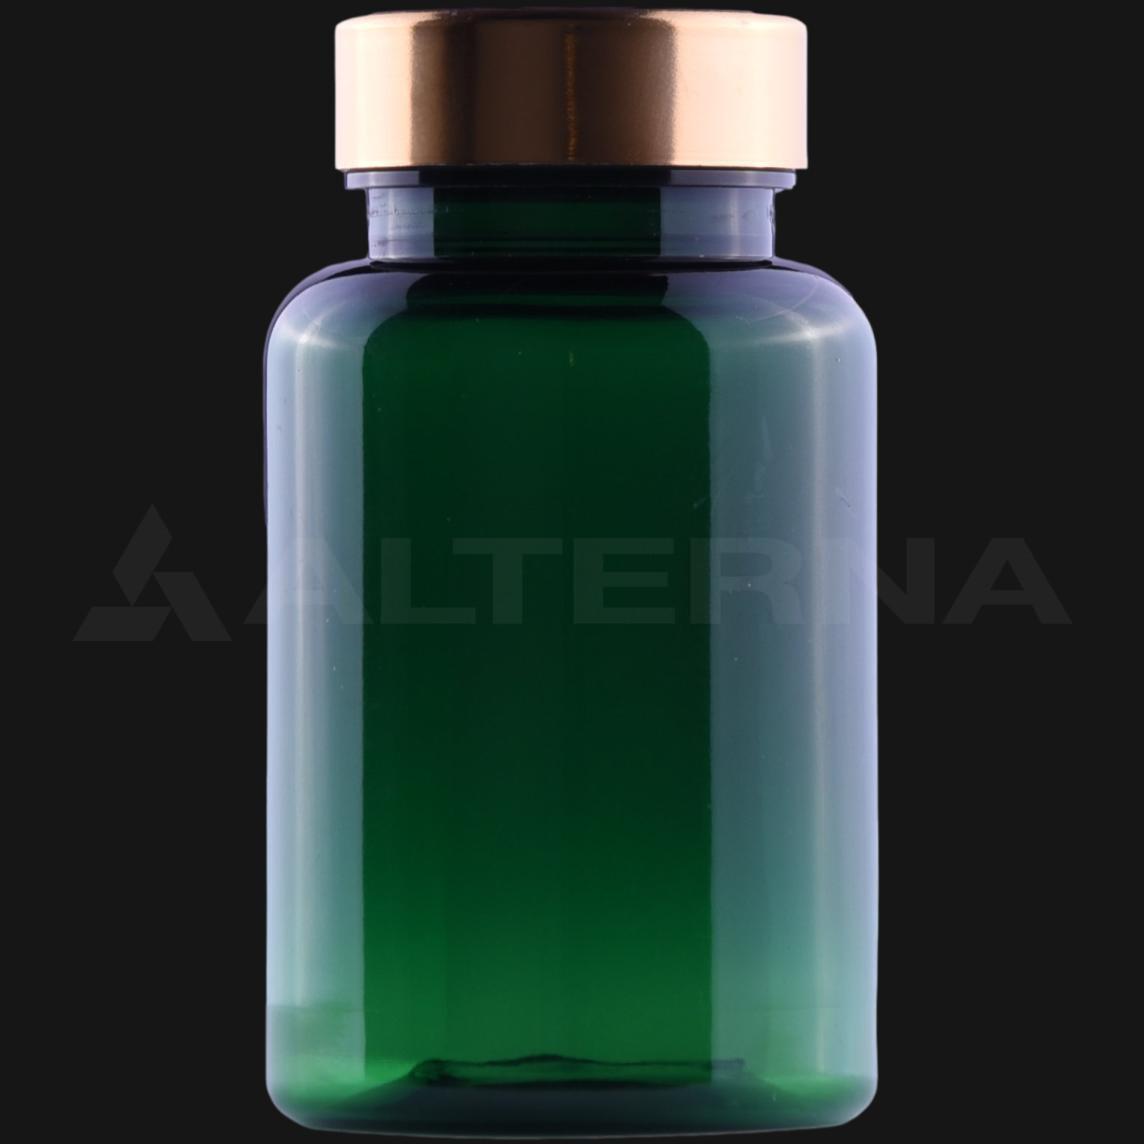 150 ml PET Pill Bottle with 38 mm Metal Cap